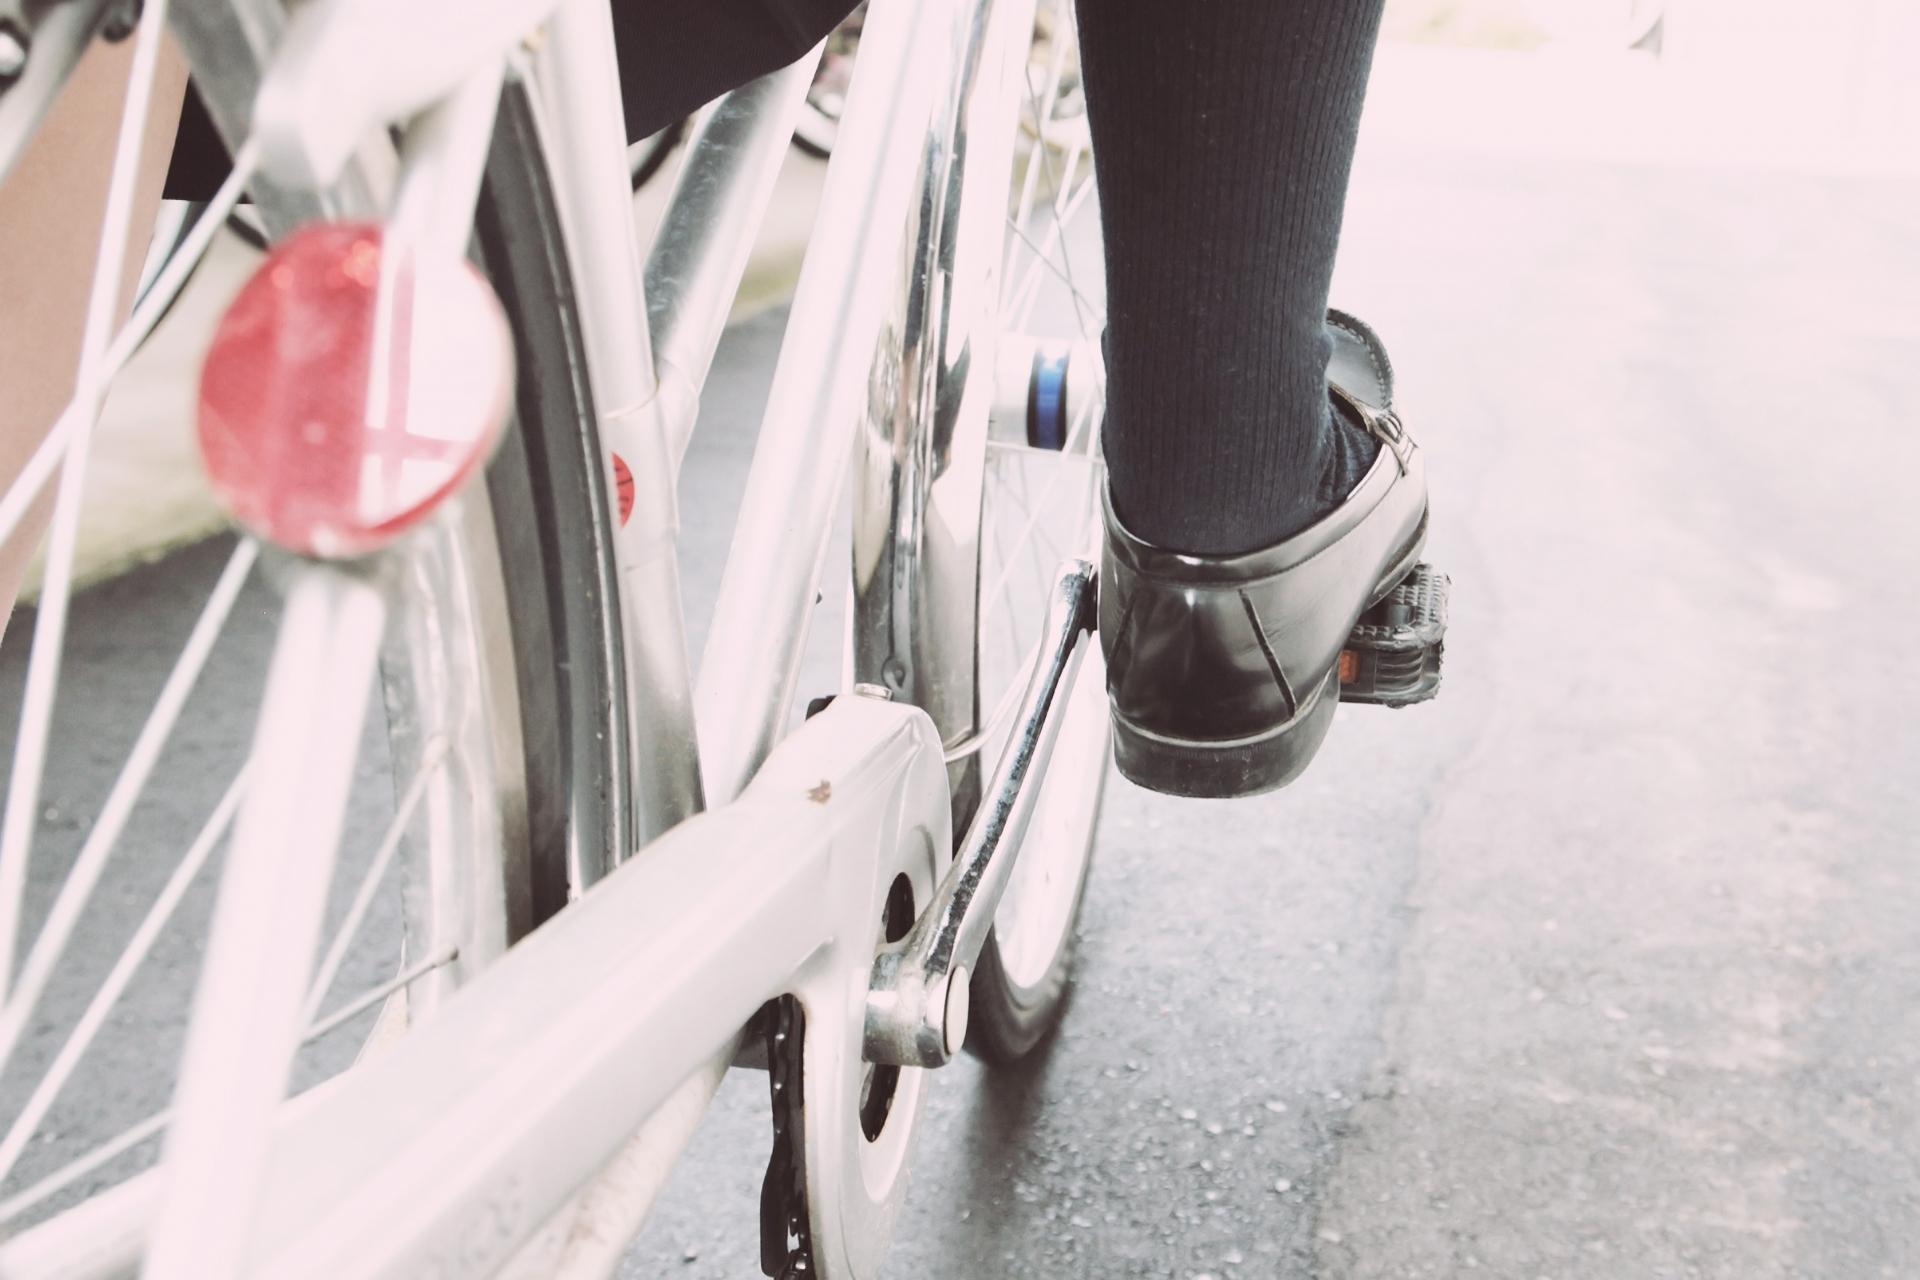 【自転車保険】自転車で歩行者に怪我をさせてしまったけど保険に入っていない!【個人賠償責任保険】